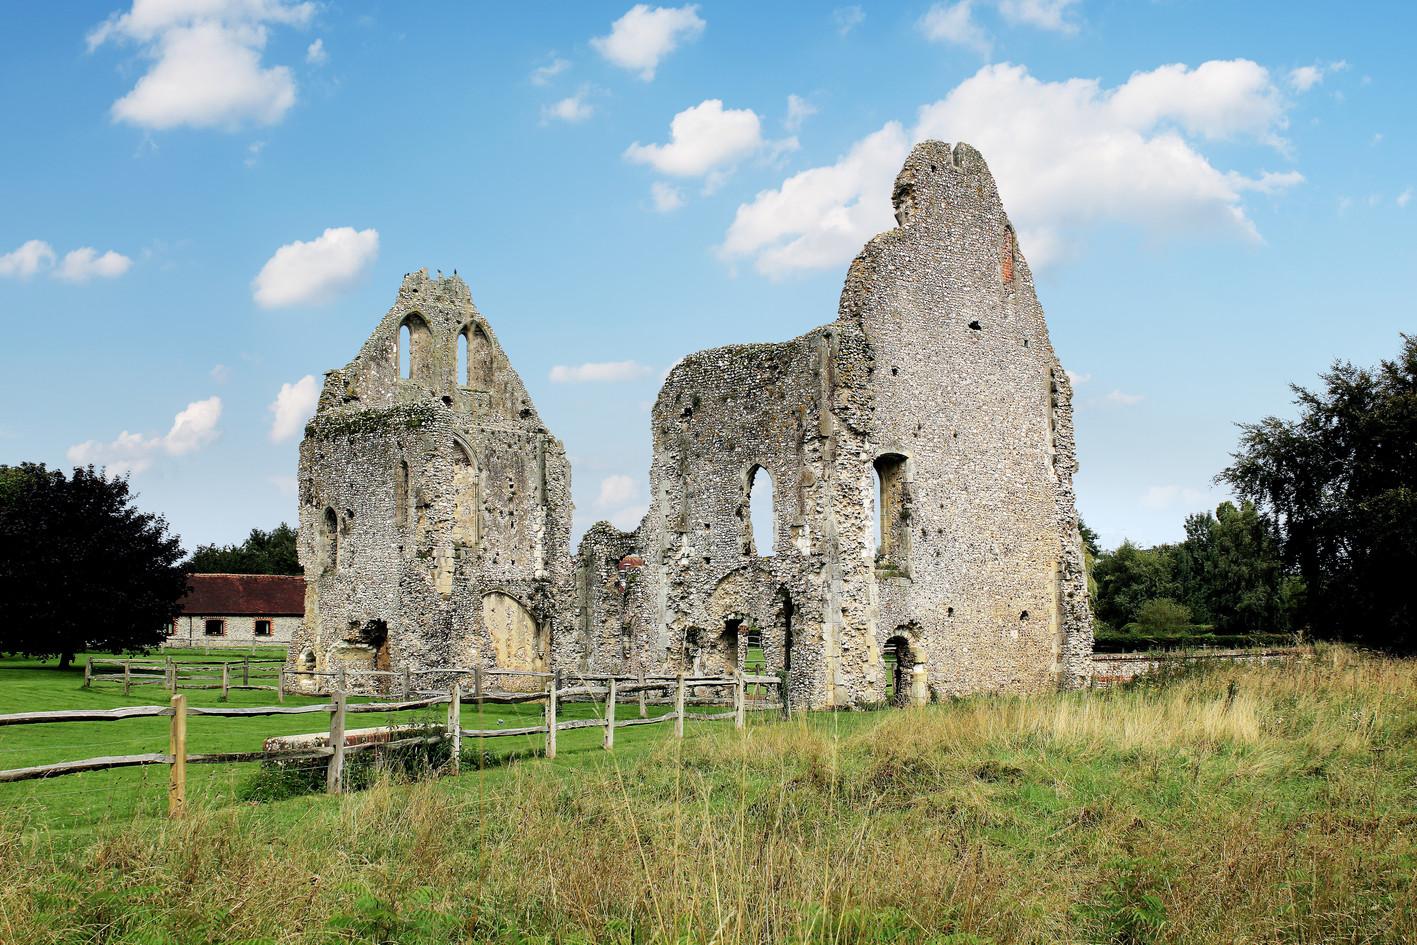 Travel image - Boxgrove Priory ruins